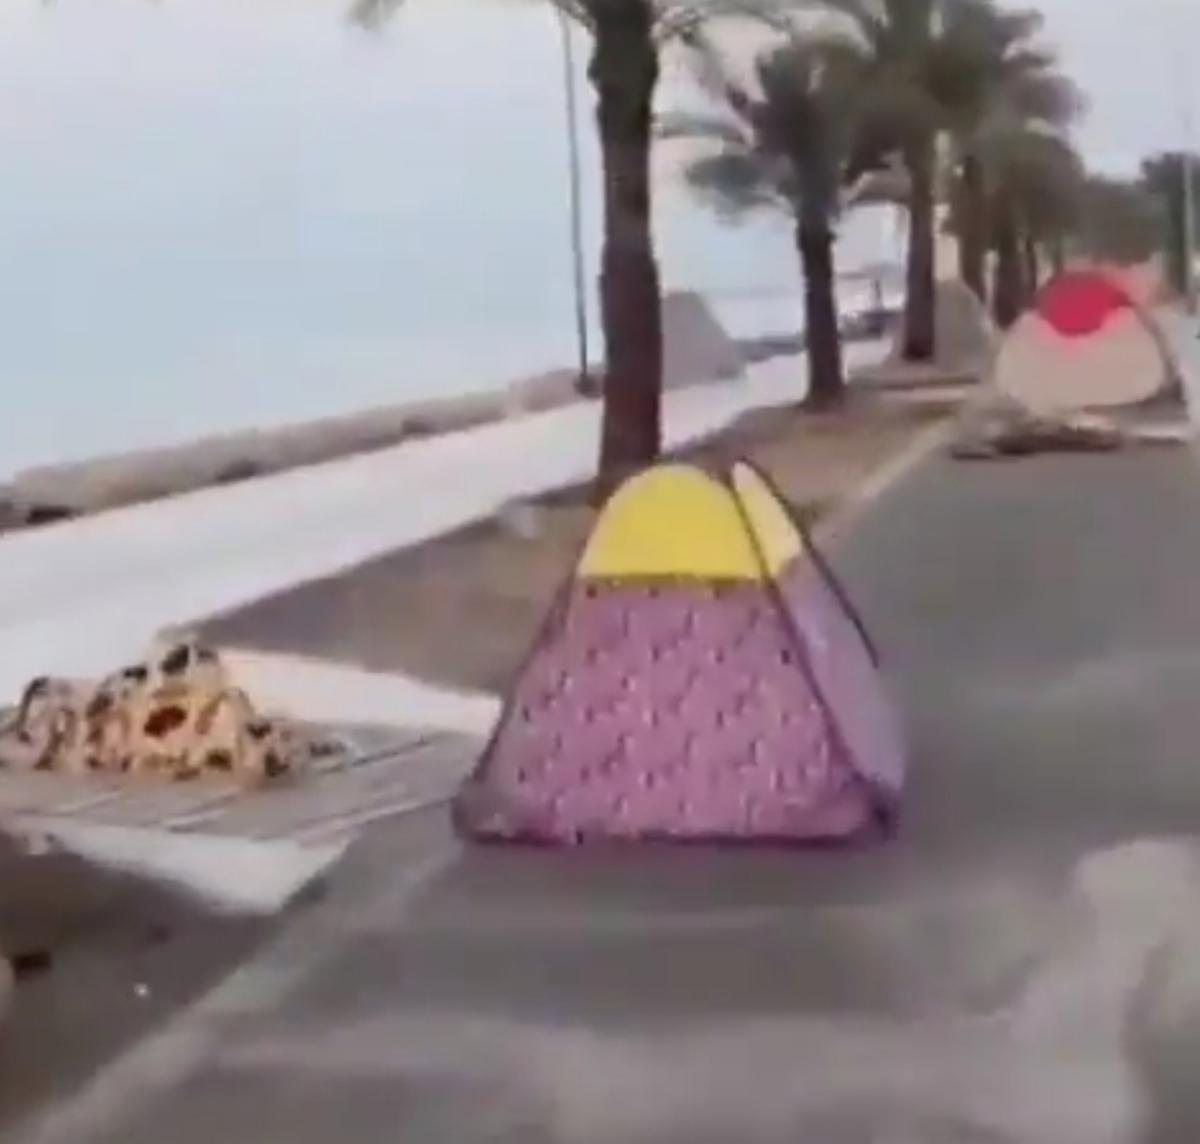 چادرهای مسافران نوروزی در ساحل خواجهعطا، بندرعباس + ویدئو